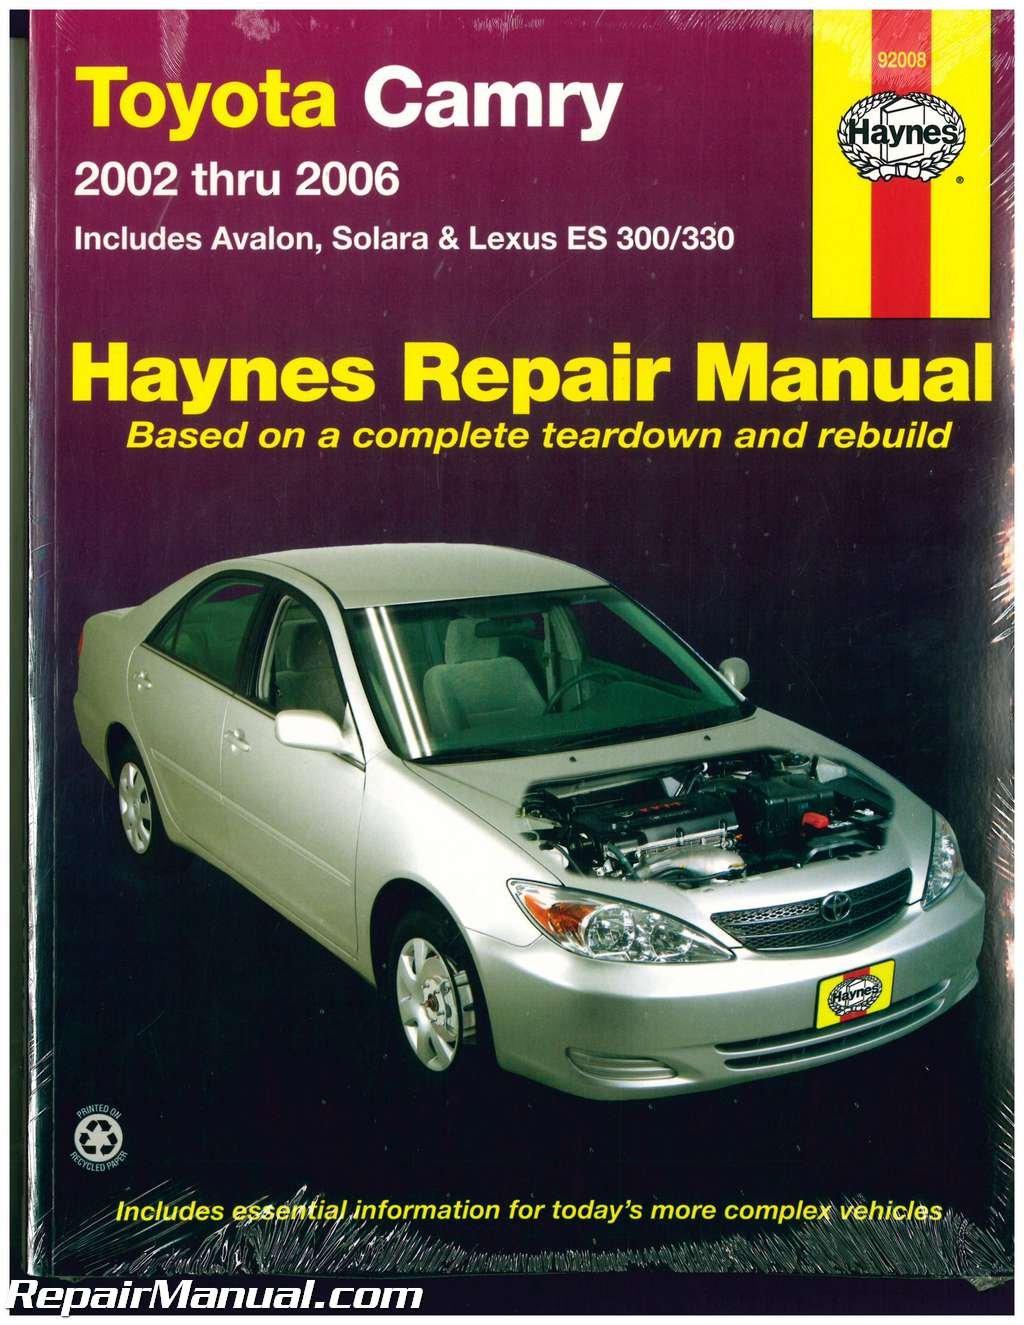 H92008 Haynes Toyota Camry Avalon Solara and Lexus ES300 330 2002-2006 Auto  Repair Manual: Manufacturer: Amazon.com: Books